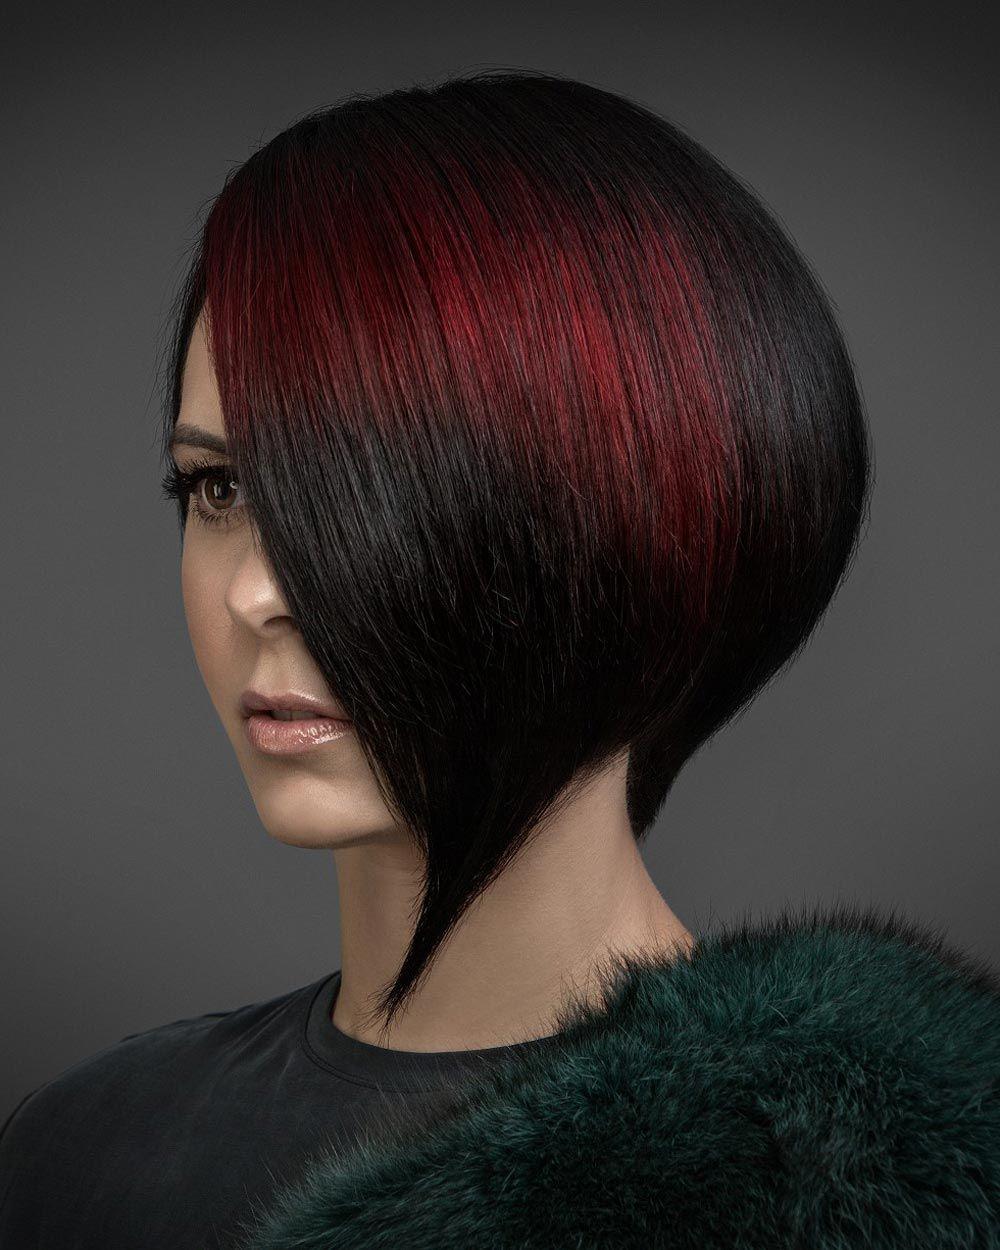 Největší galerie účesů pro krátké vlasy – najděte si svoji inspiraci pro  krátké vlasy v aktuální galerii účesů pro podzim a zimu 2015 2016. 0a0c3b6064